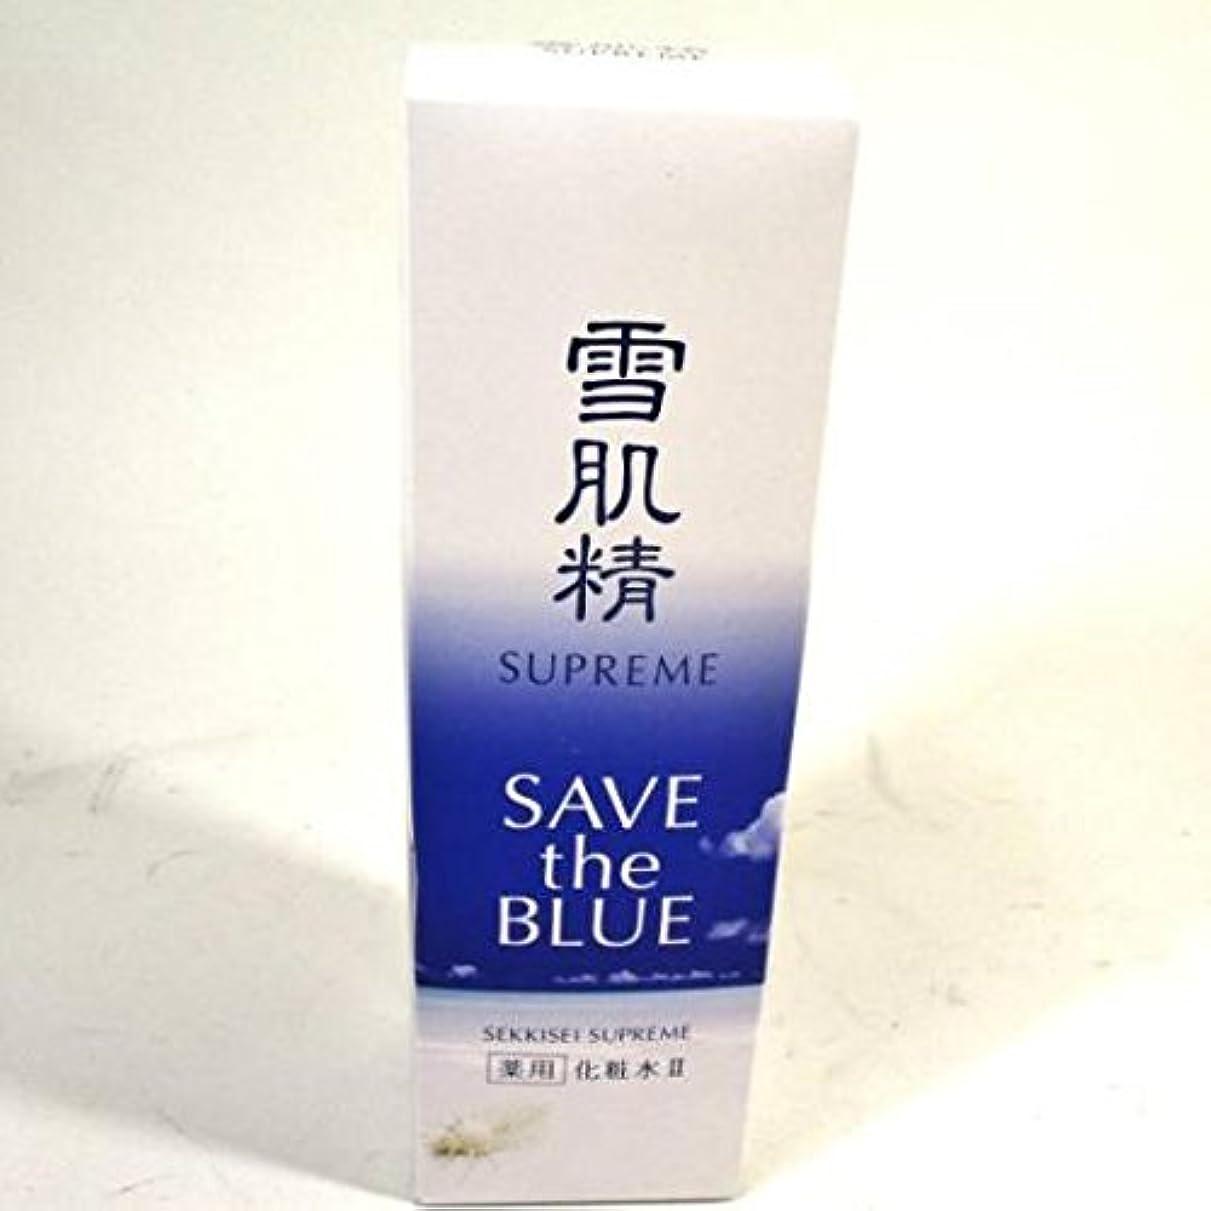 最大エピソード極地コーセー 雪肌精 シュープレム 化粧水 Ⅱ 「SAVE the BLUE」 400ml